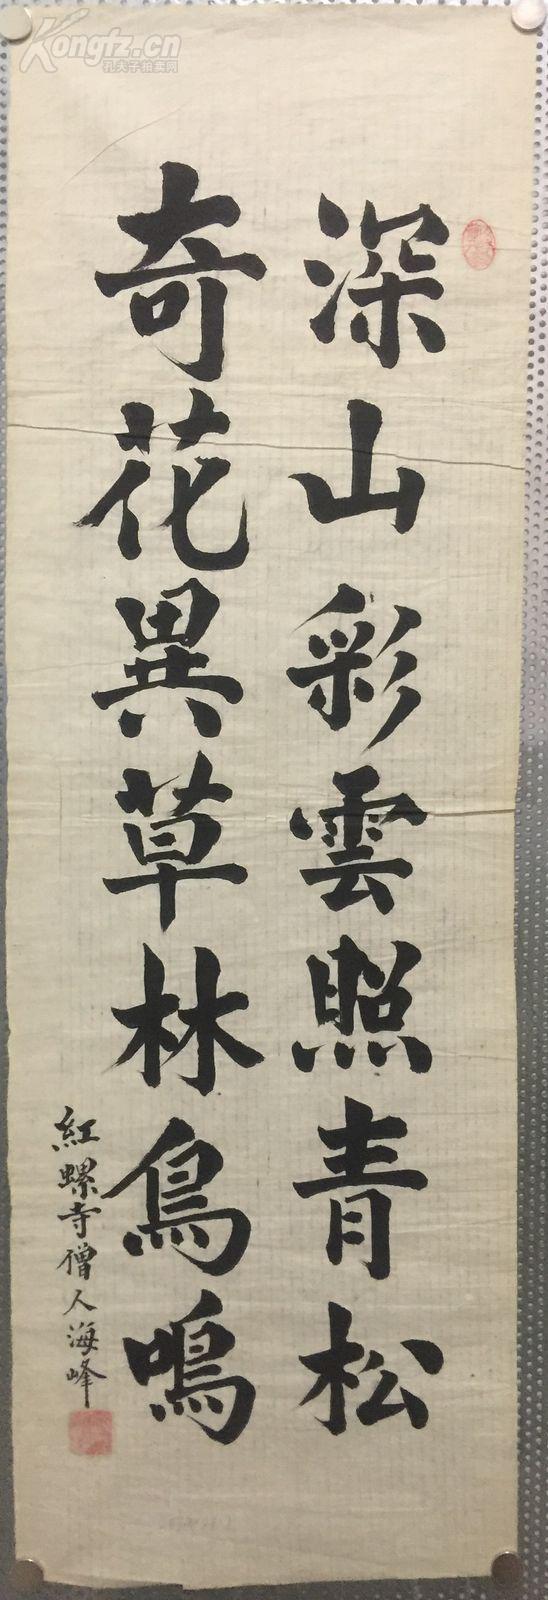 红螺寺僧人海峰,书法 拍品编号:29877301